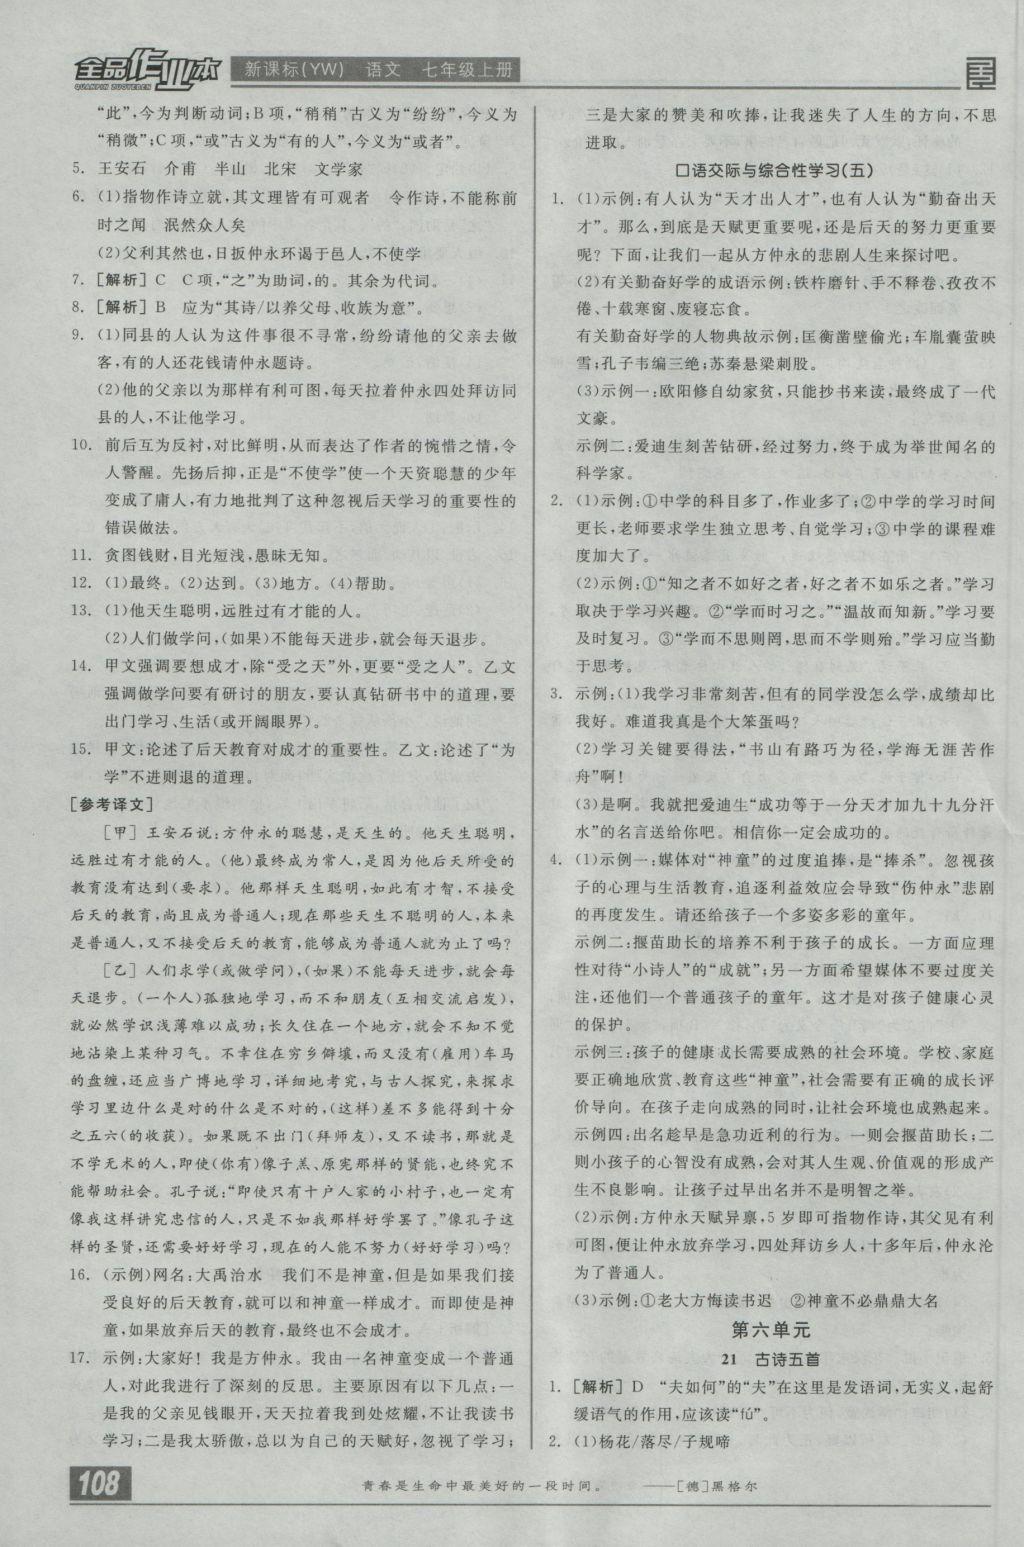 2016年全品作业本七年级语文上册语文版参考答案第10页